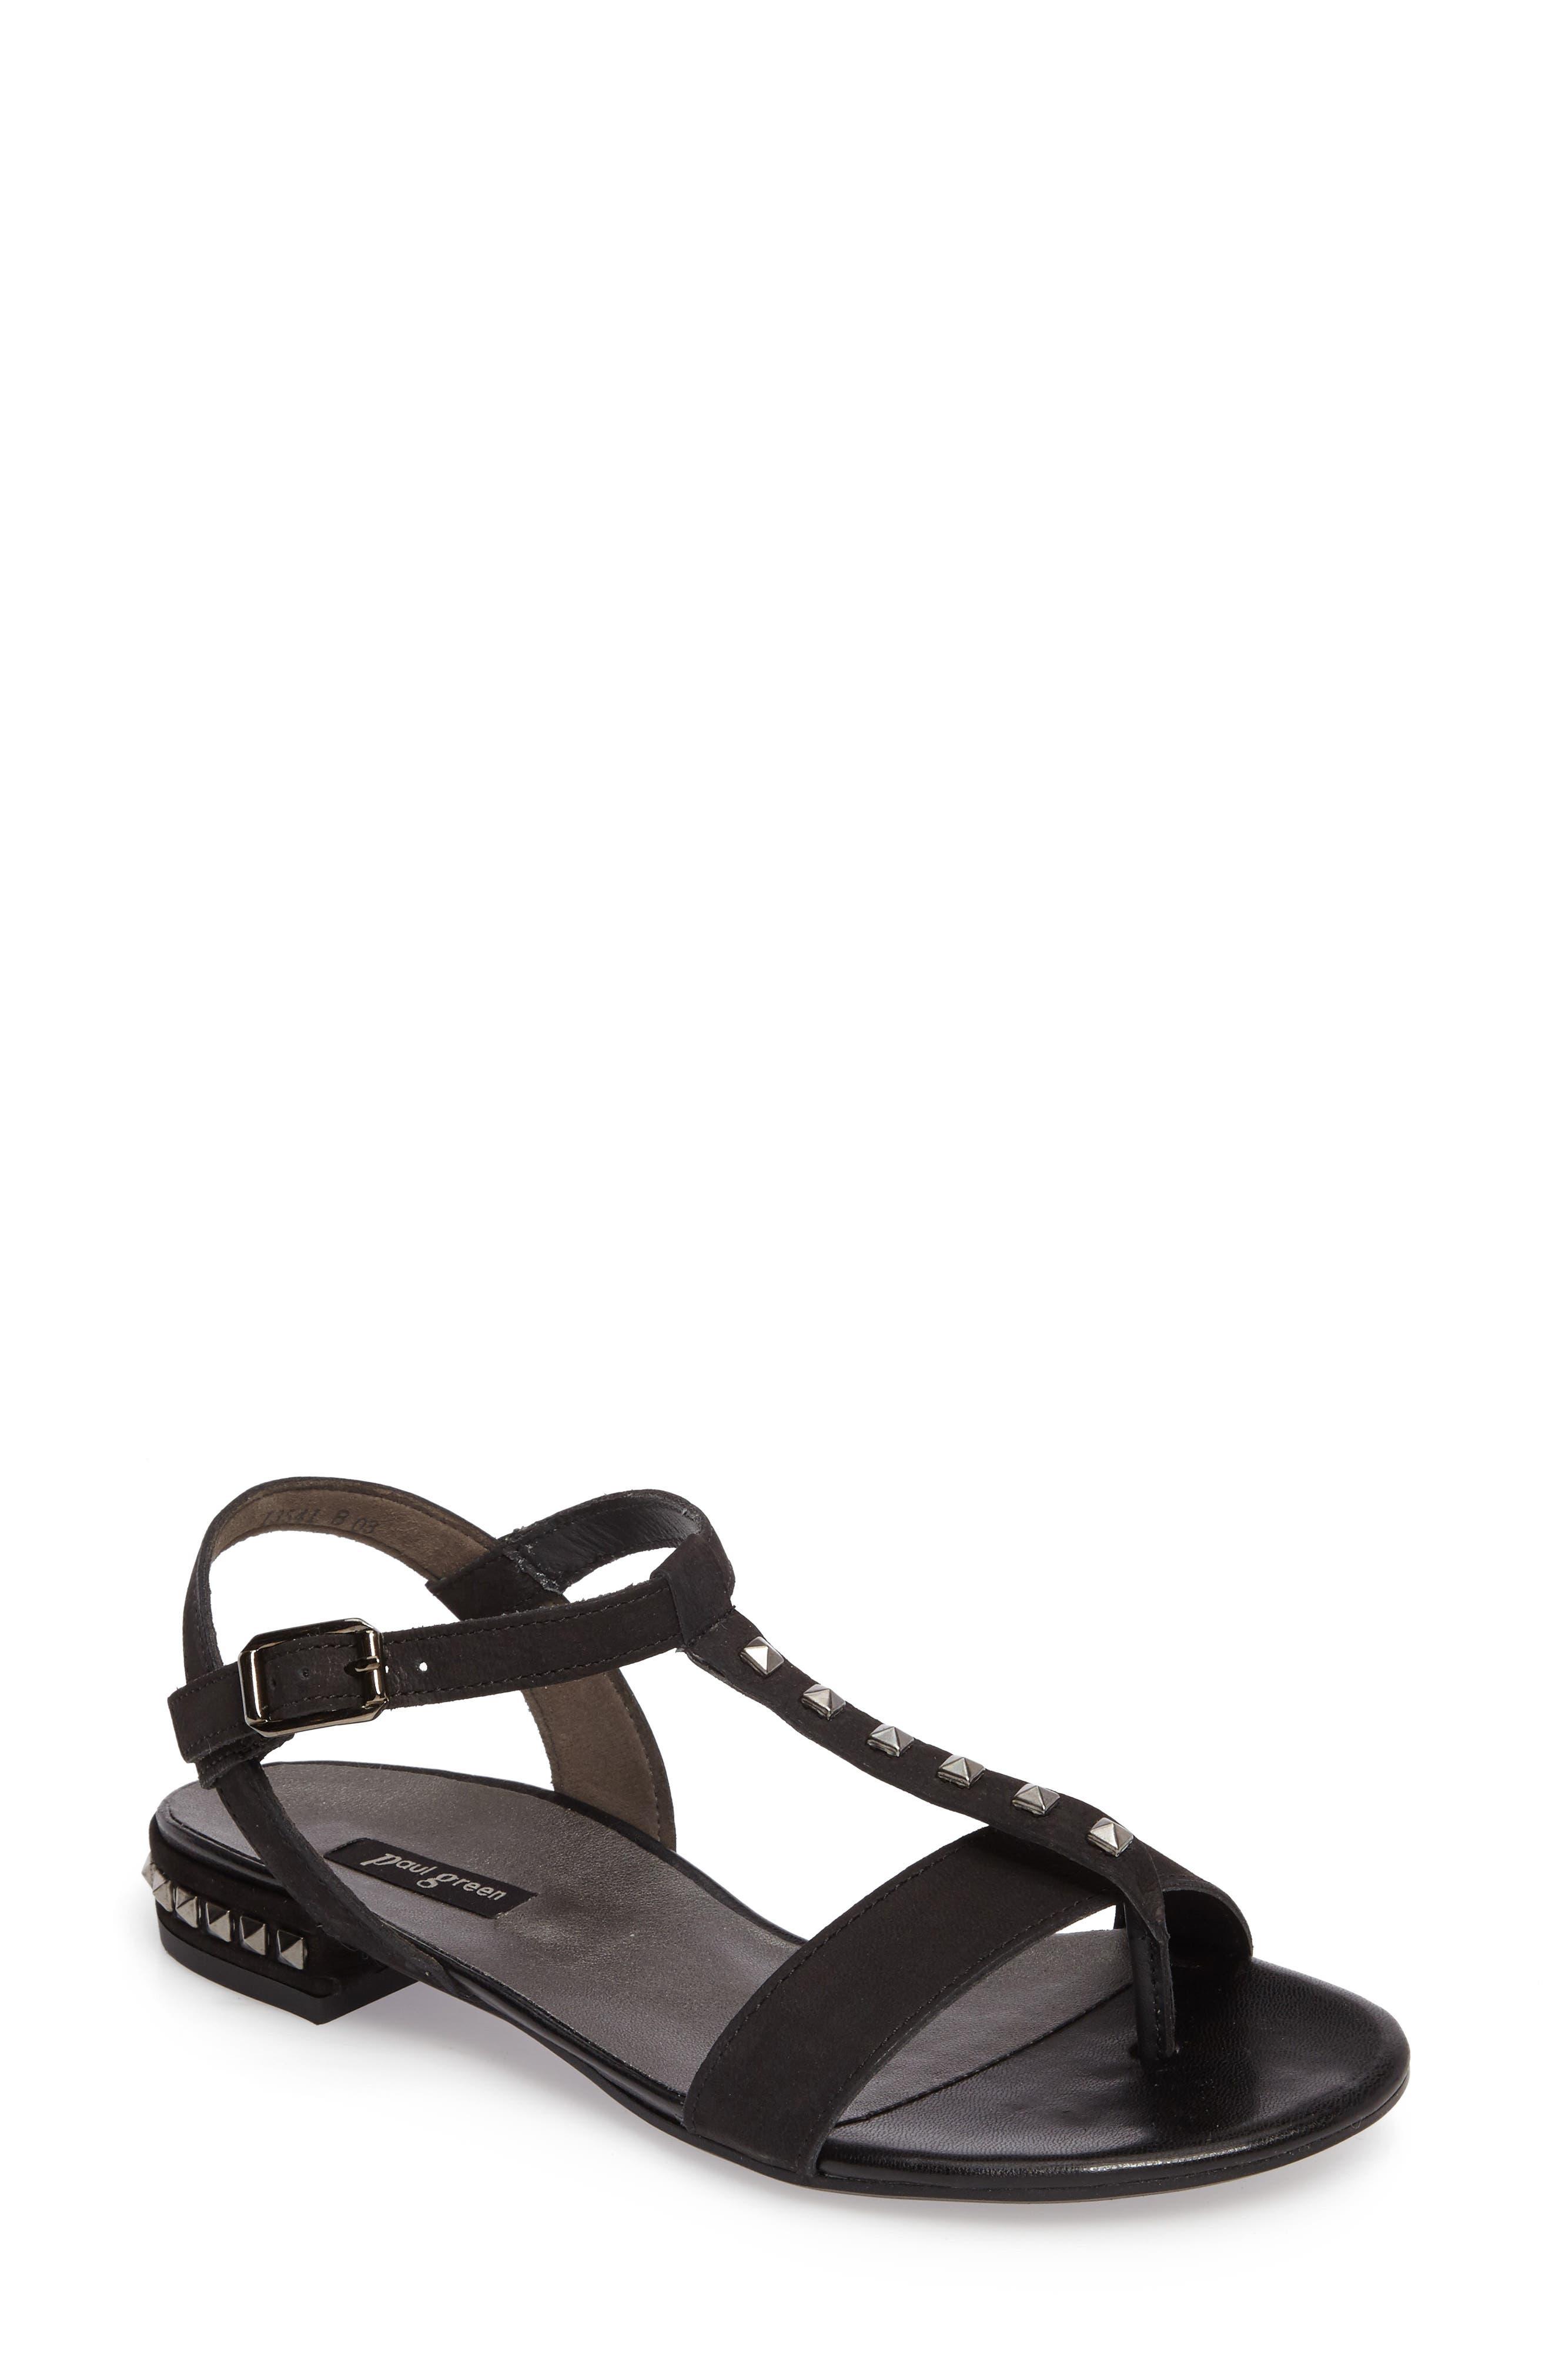 Nepal T-Strap Sandal,                         Main,                         color, Black Nubuck